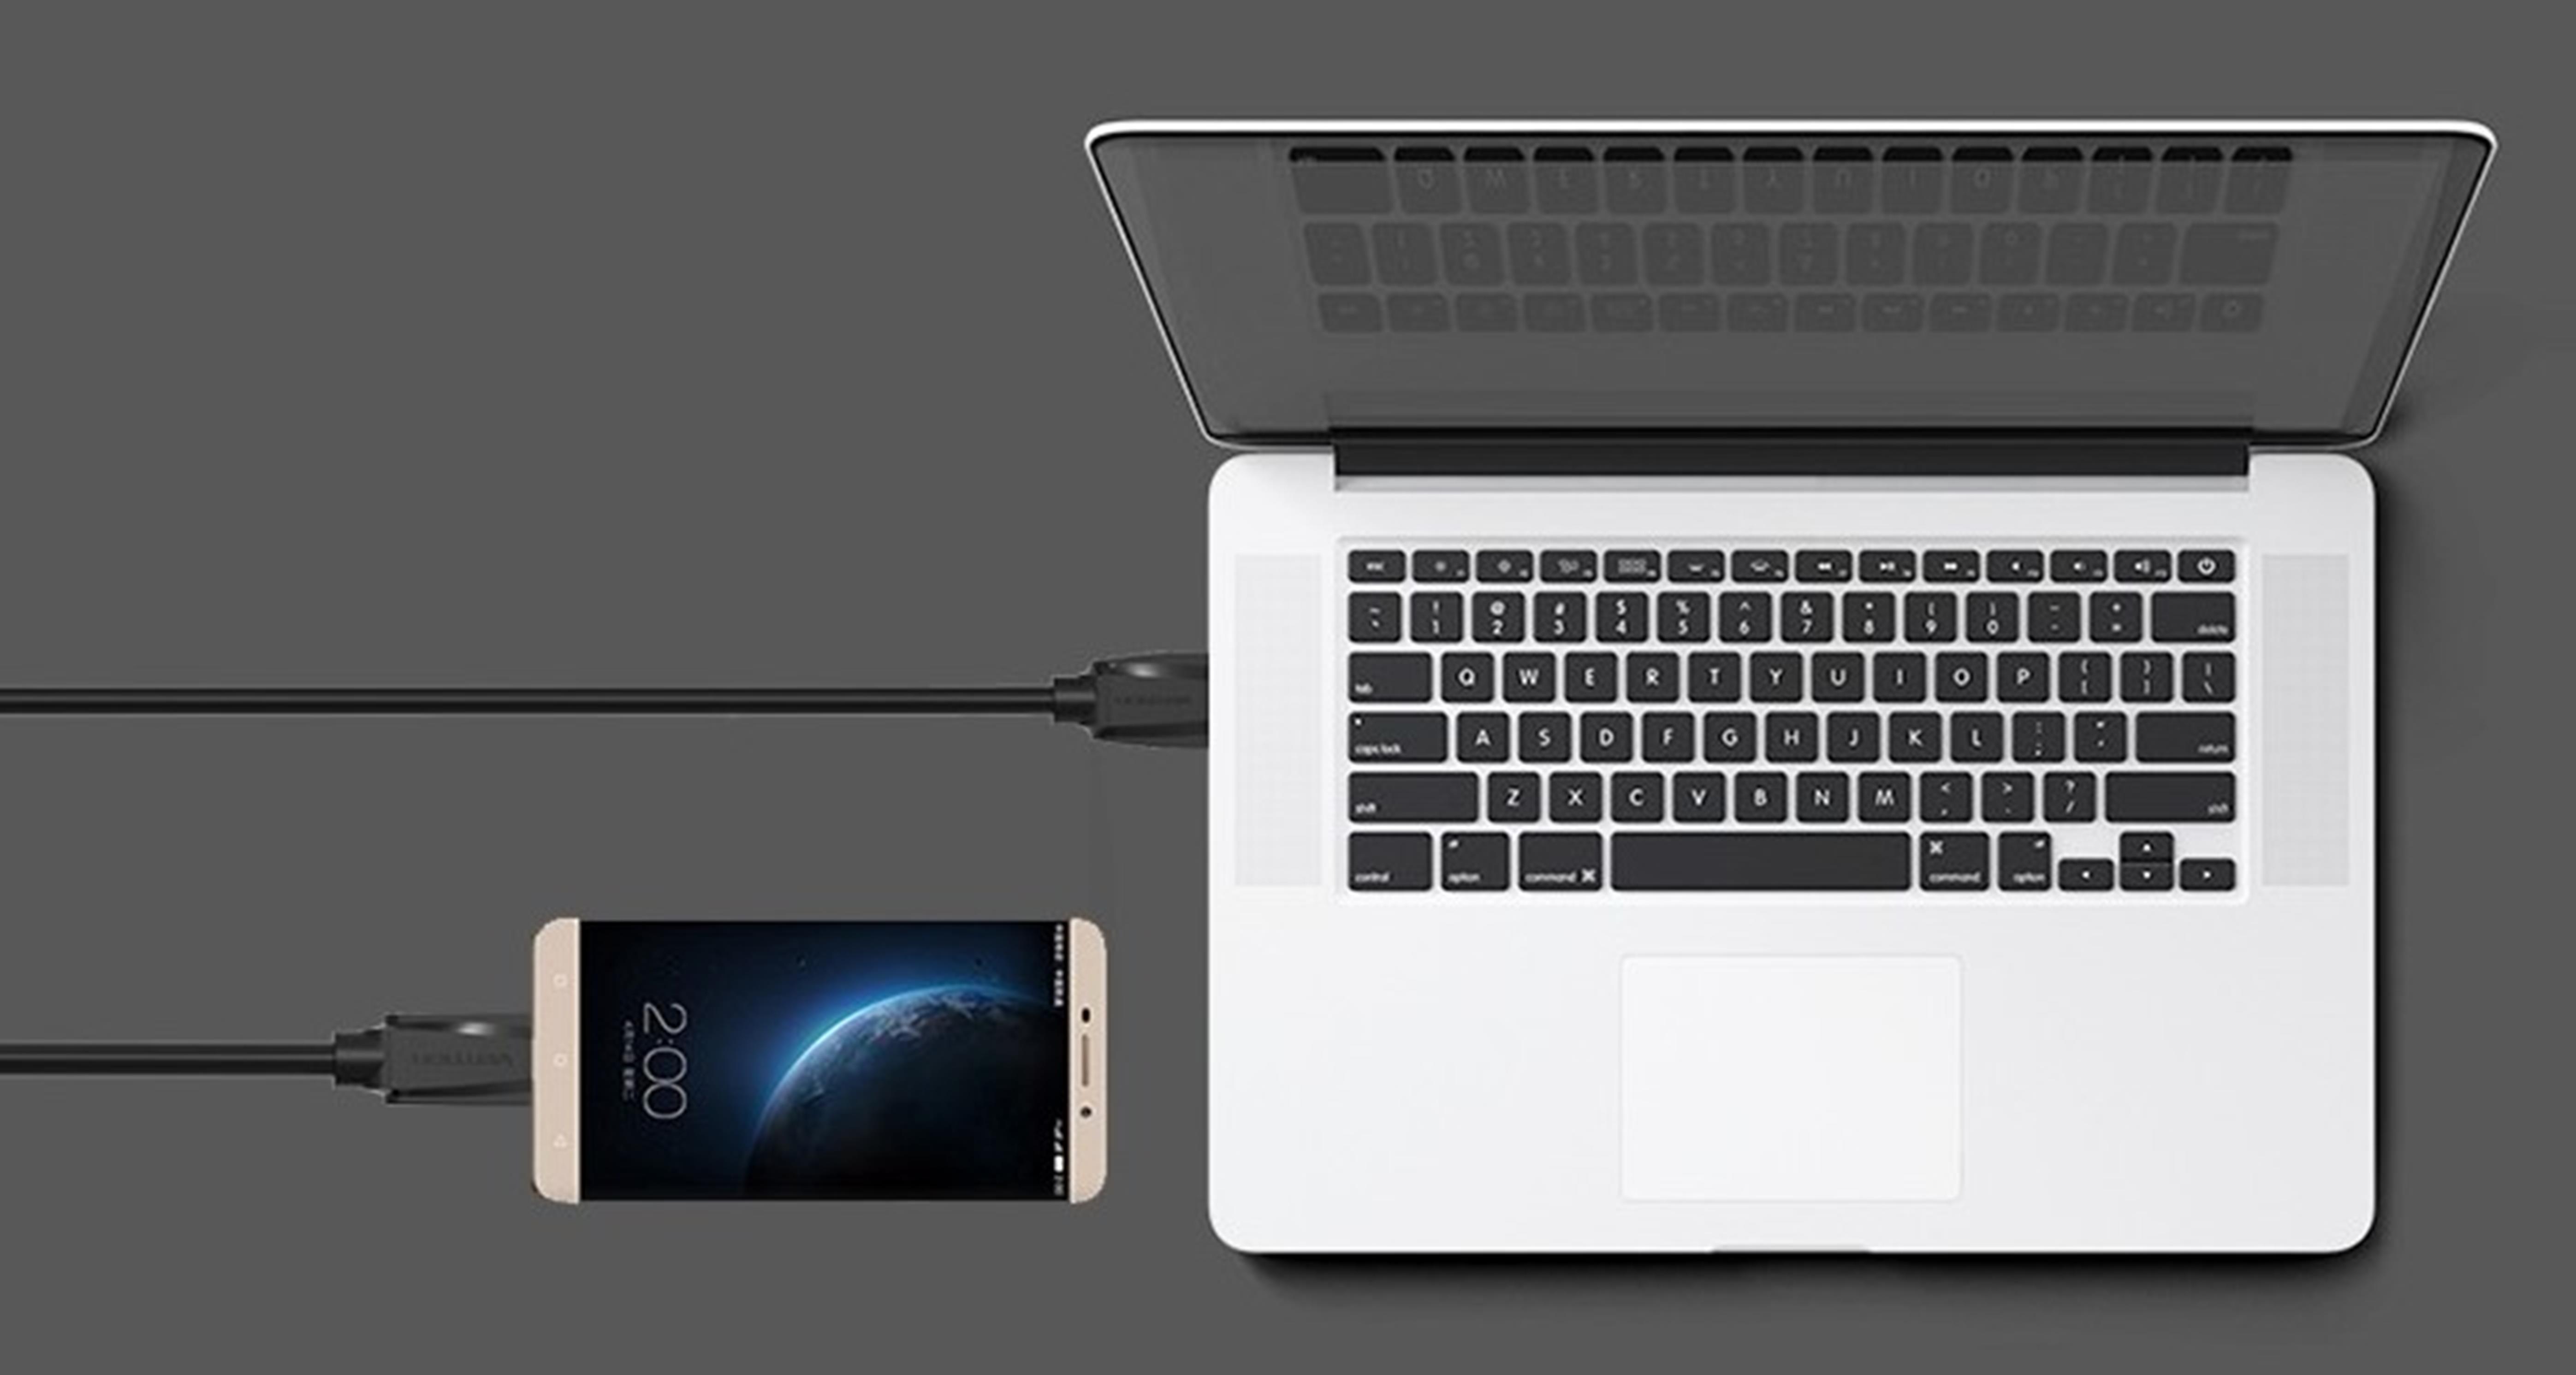 Cáp USB 2.0 sang USB 2.0 Type C truyền dữ liệu và sạc lõi thuần đồng bọc nhôm chống nhiễu VENTION VAS-A46-B100 1m (Đen) - Hàng nhập khẩu